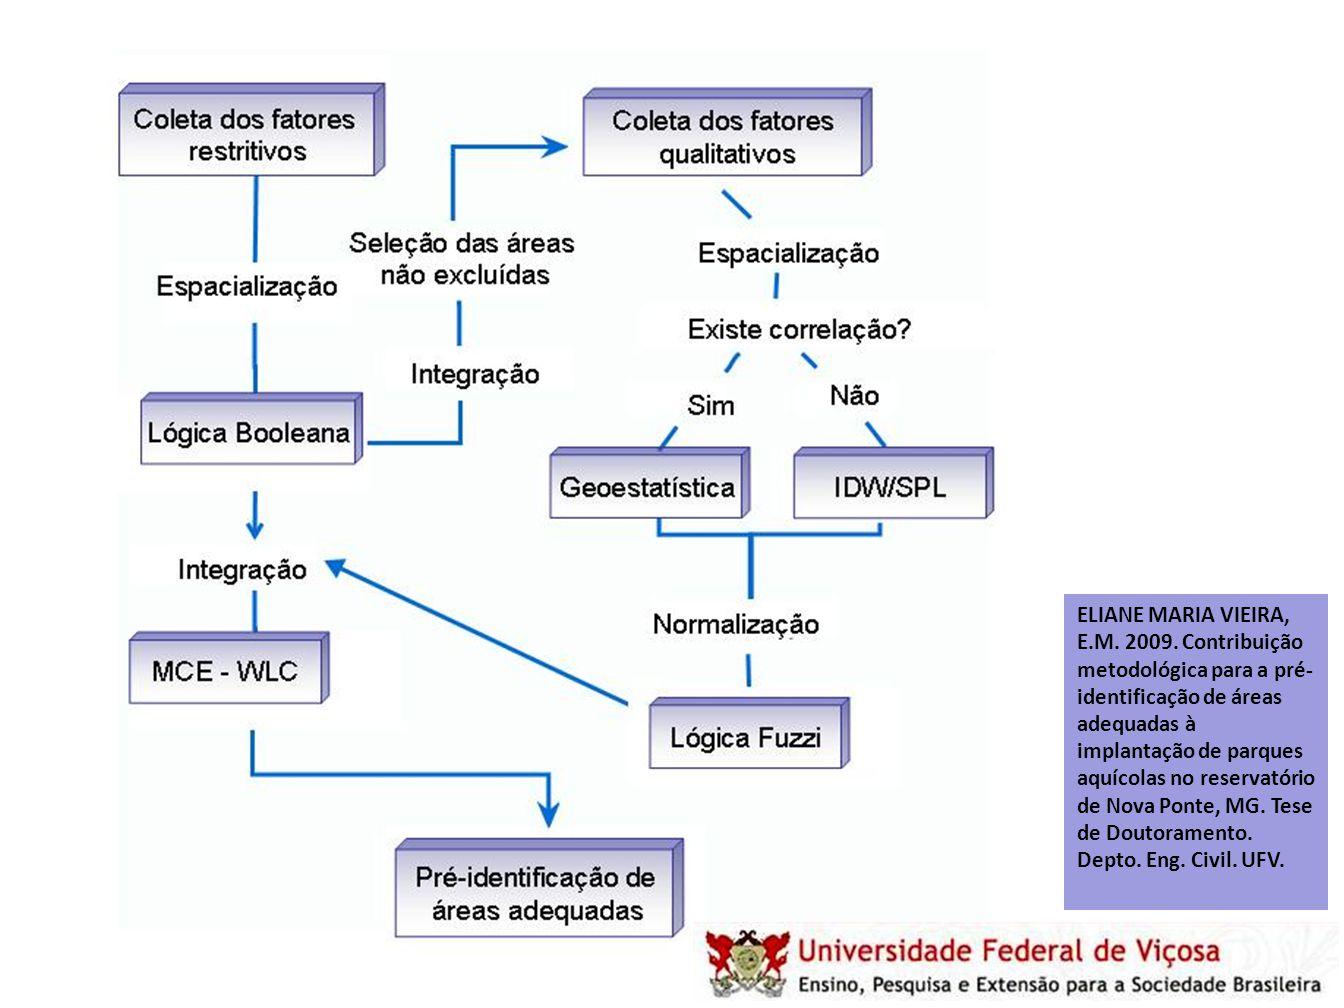 ELIANE MARIA VIEIRA, E.M. 2009. Contribuição metodológica para a pré- identificação de áreas adequadas à implantação de parques aquícolas no reservató